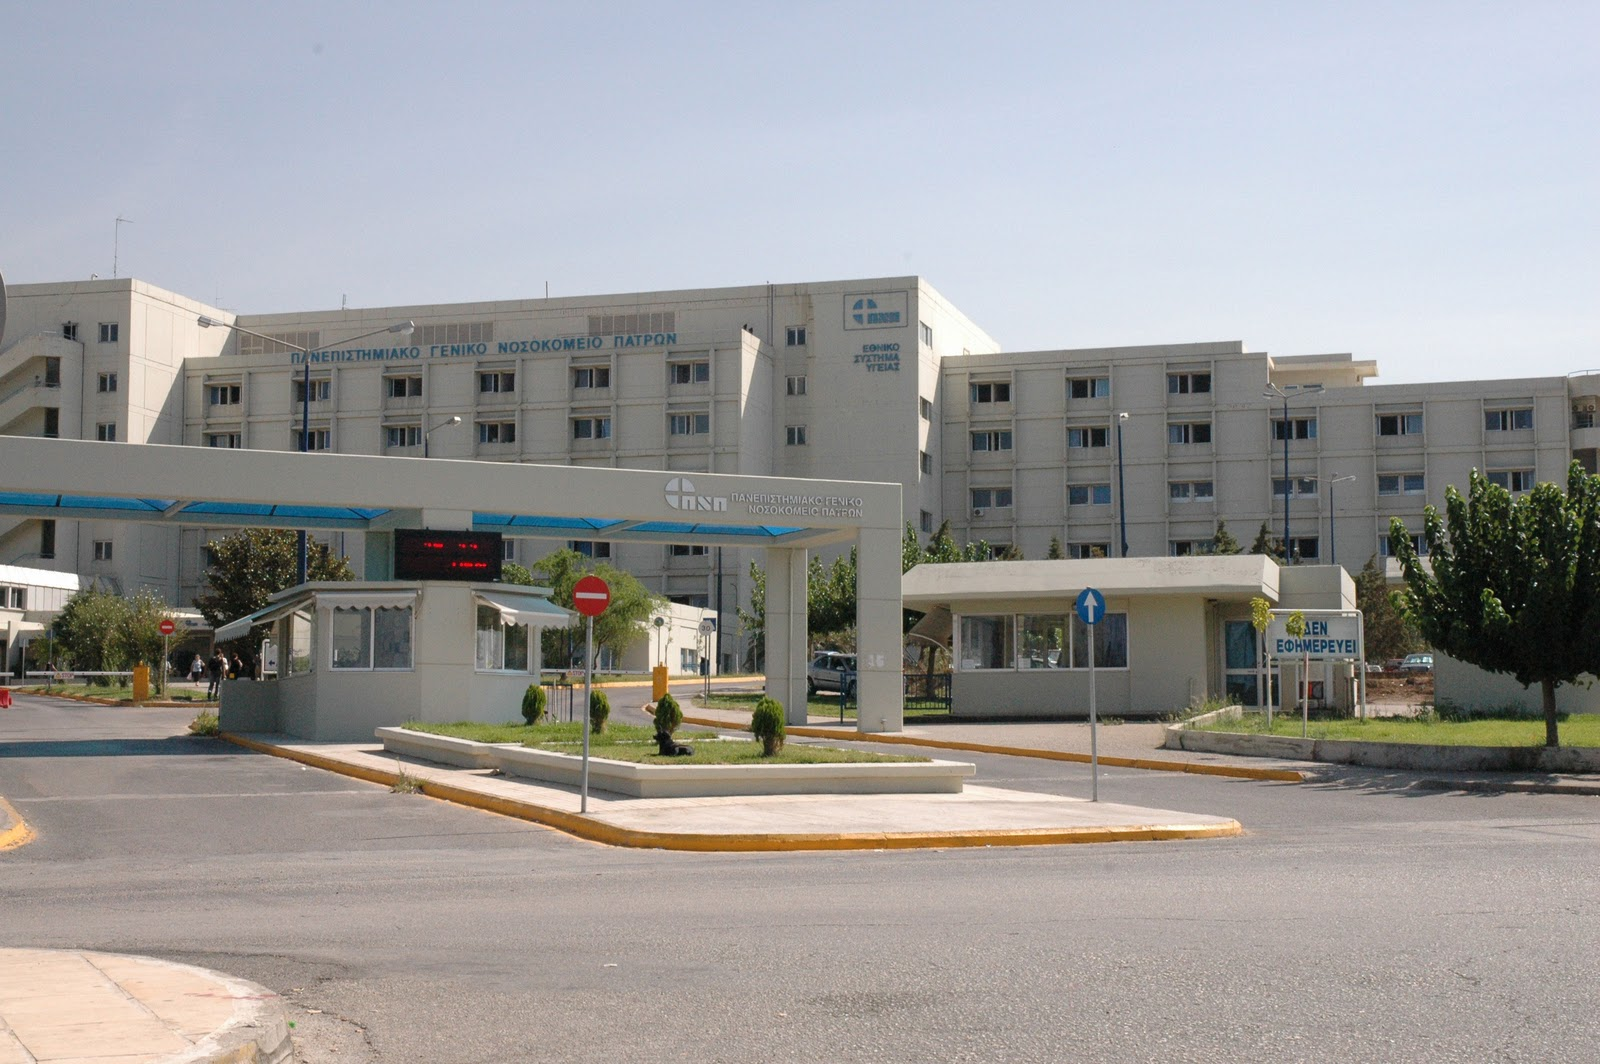 """Πάτρα: """"Αλωνίζουν"""" οι διαρρήκτες στο νοσοκομείου του Ρίου - Δεν υπάρχει φύλαξη"""